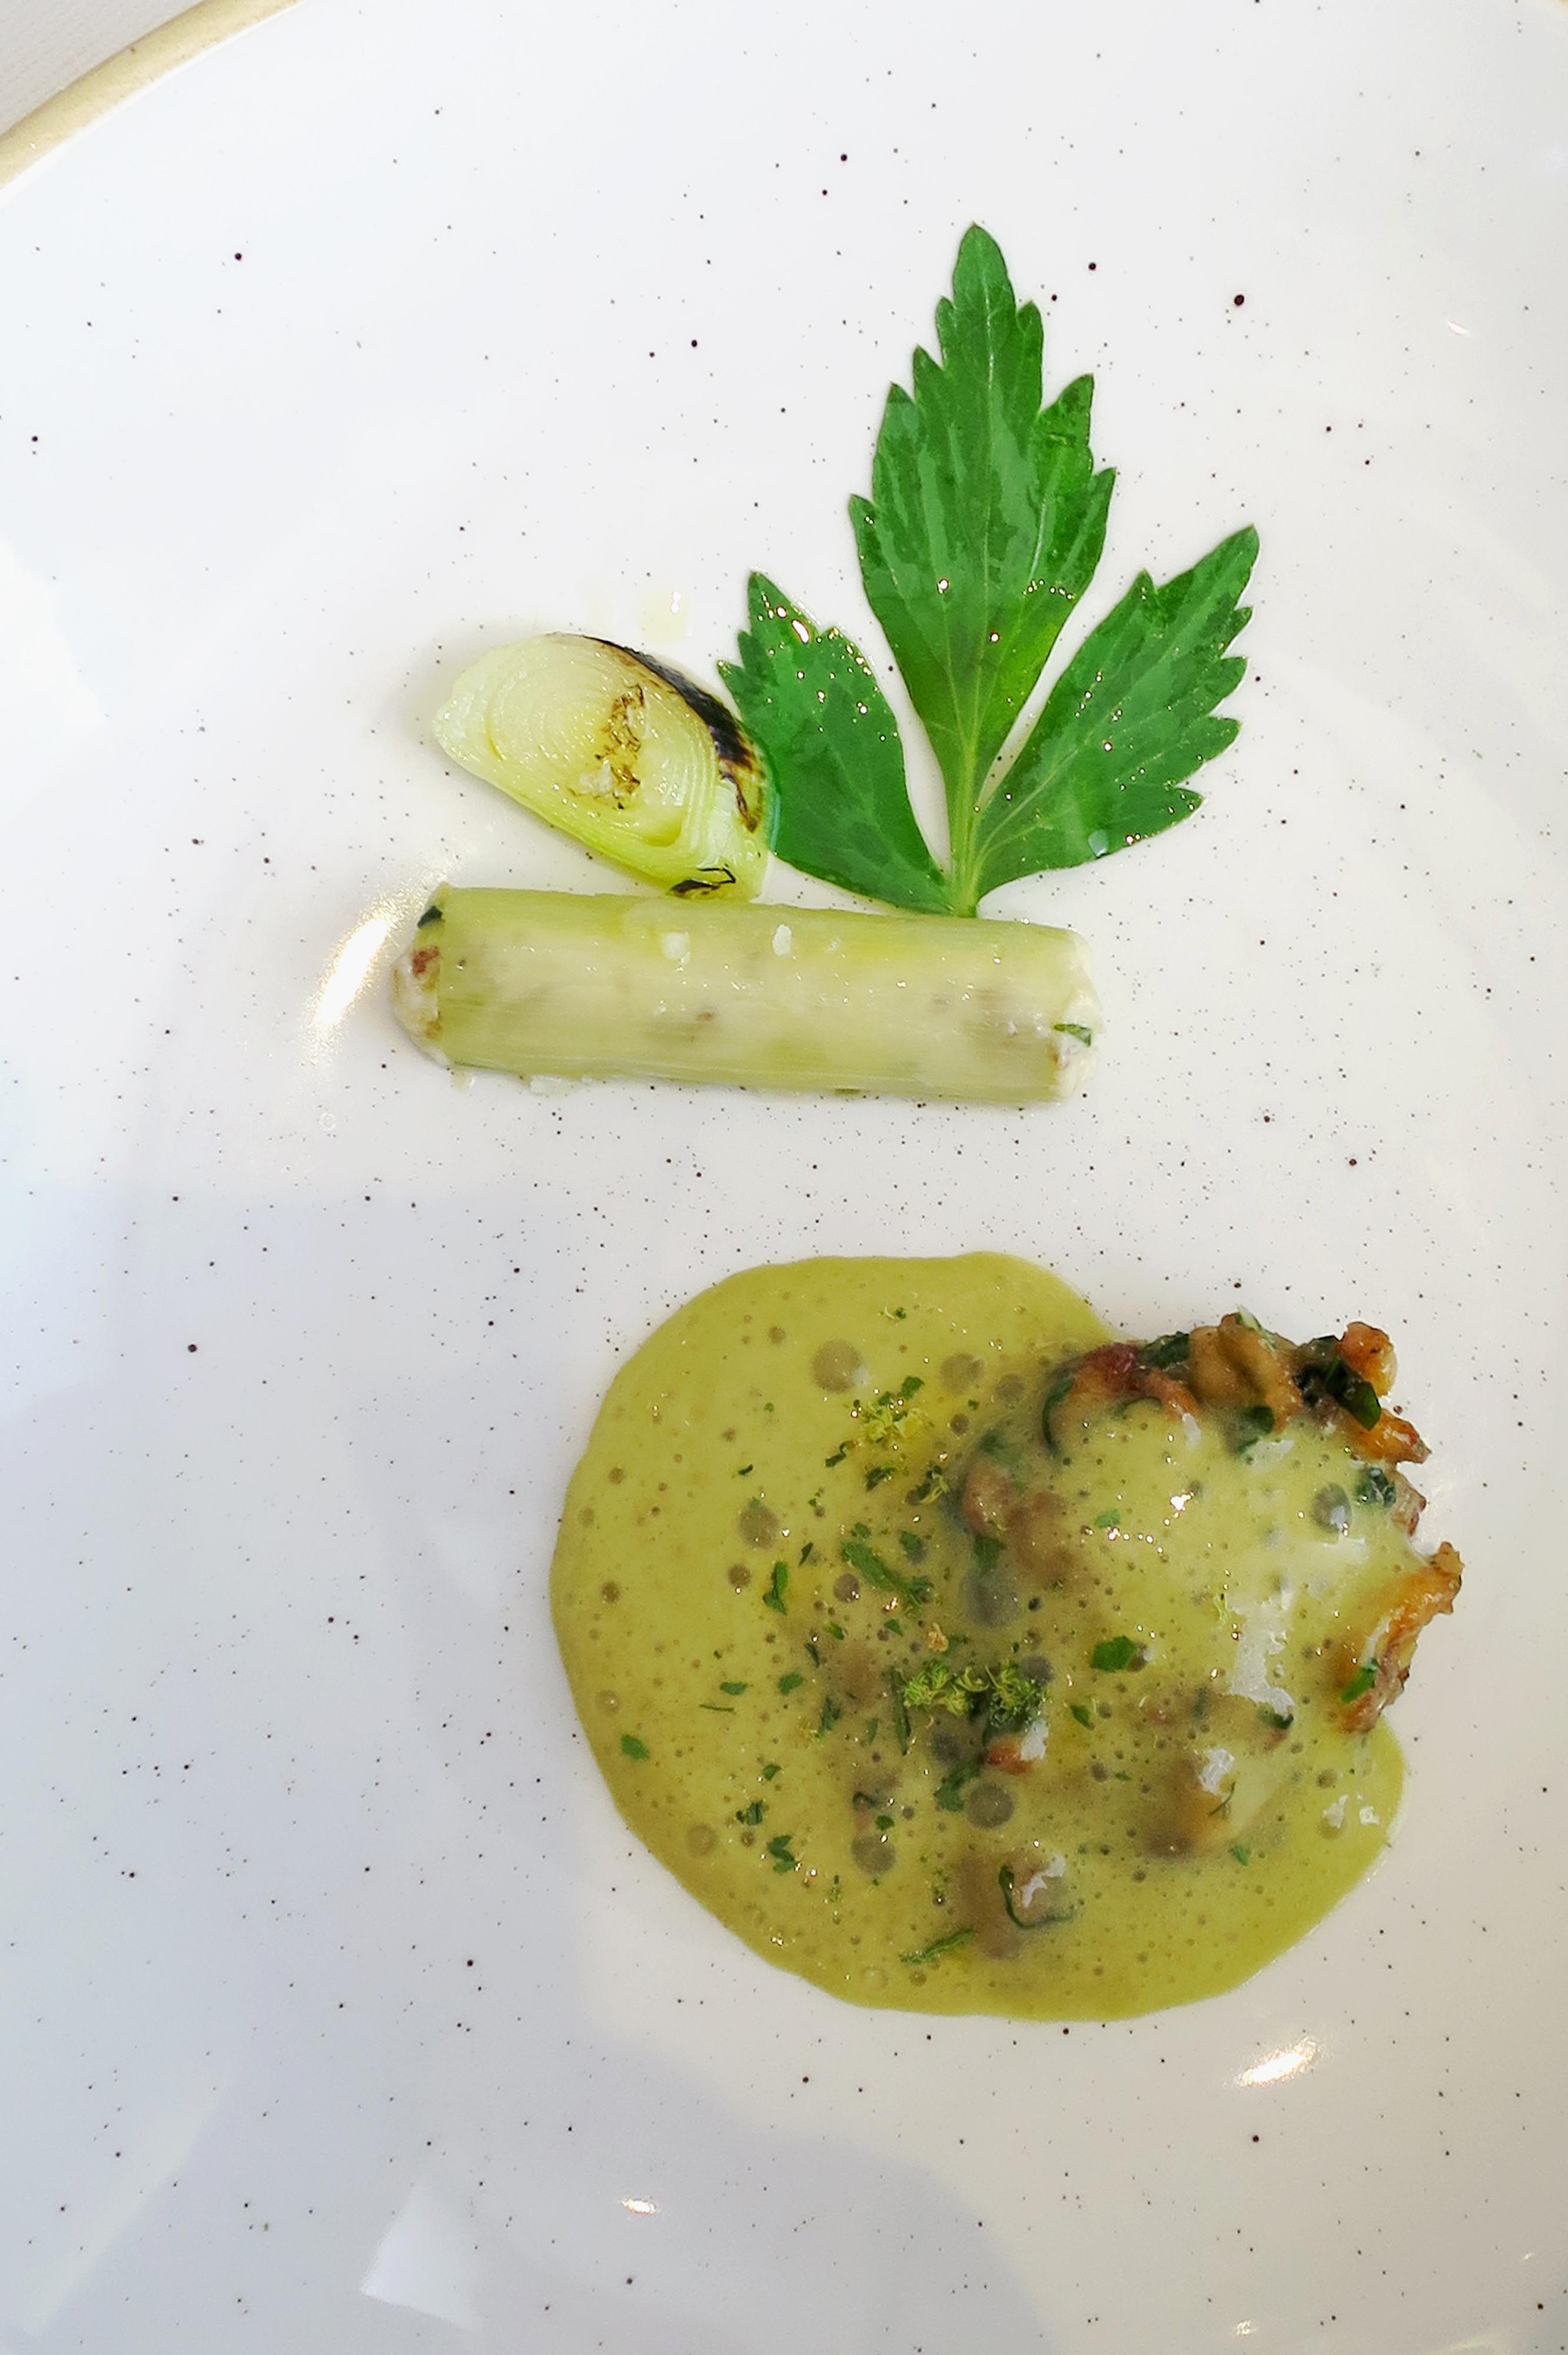 Poêlée de cuisses de grenouilles - delimoon.com - le Pont de Brent